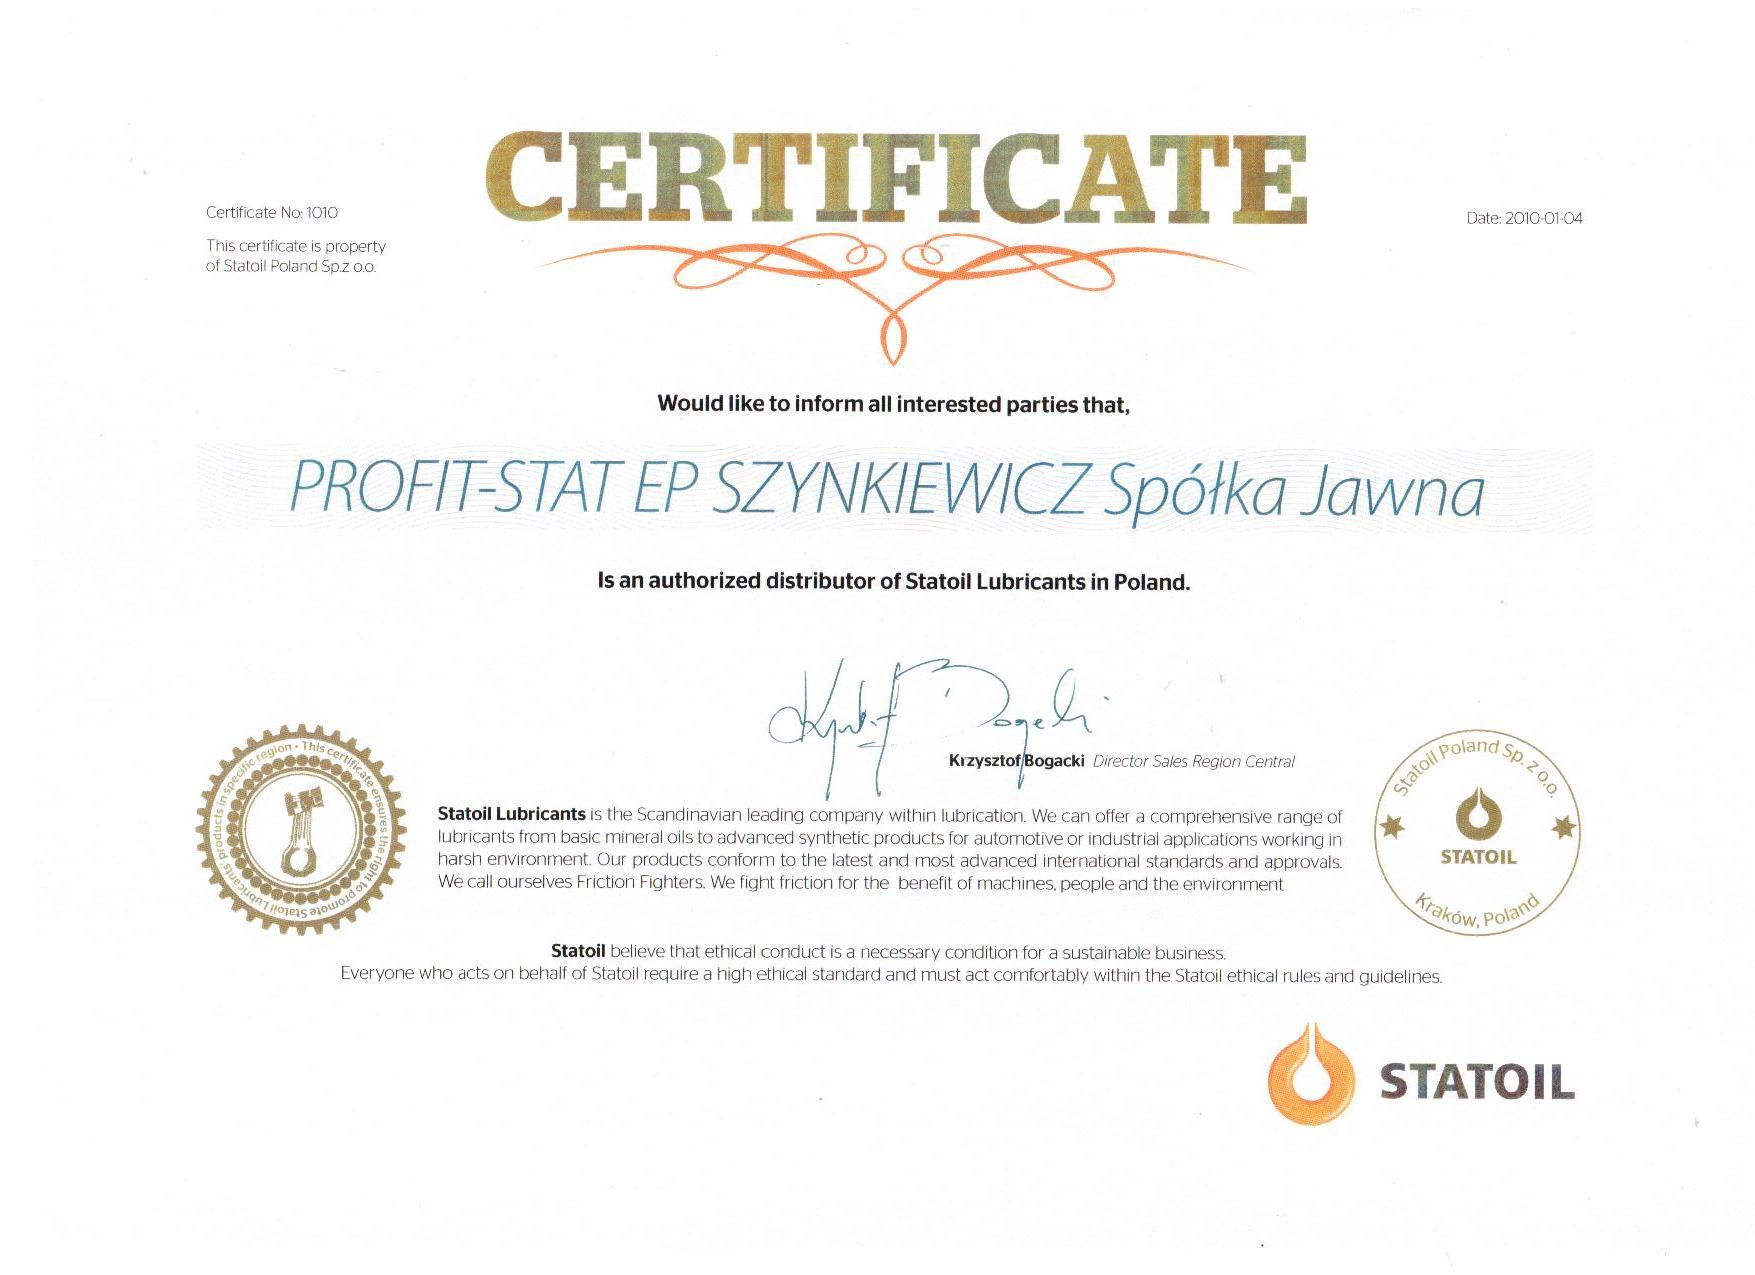 https://profitstatep.pl/media/images/certyfikat.jpg